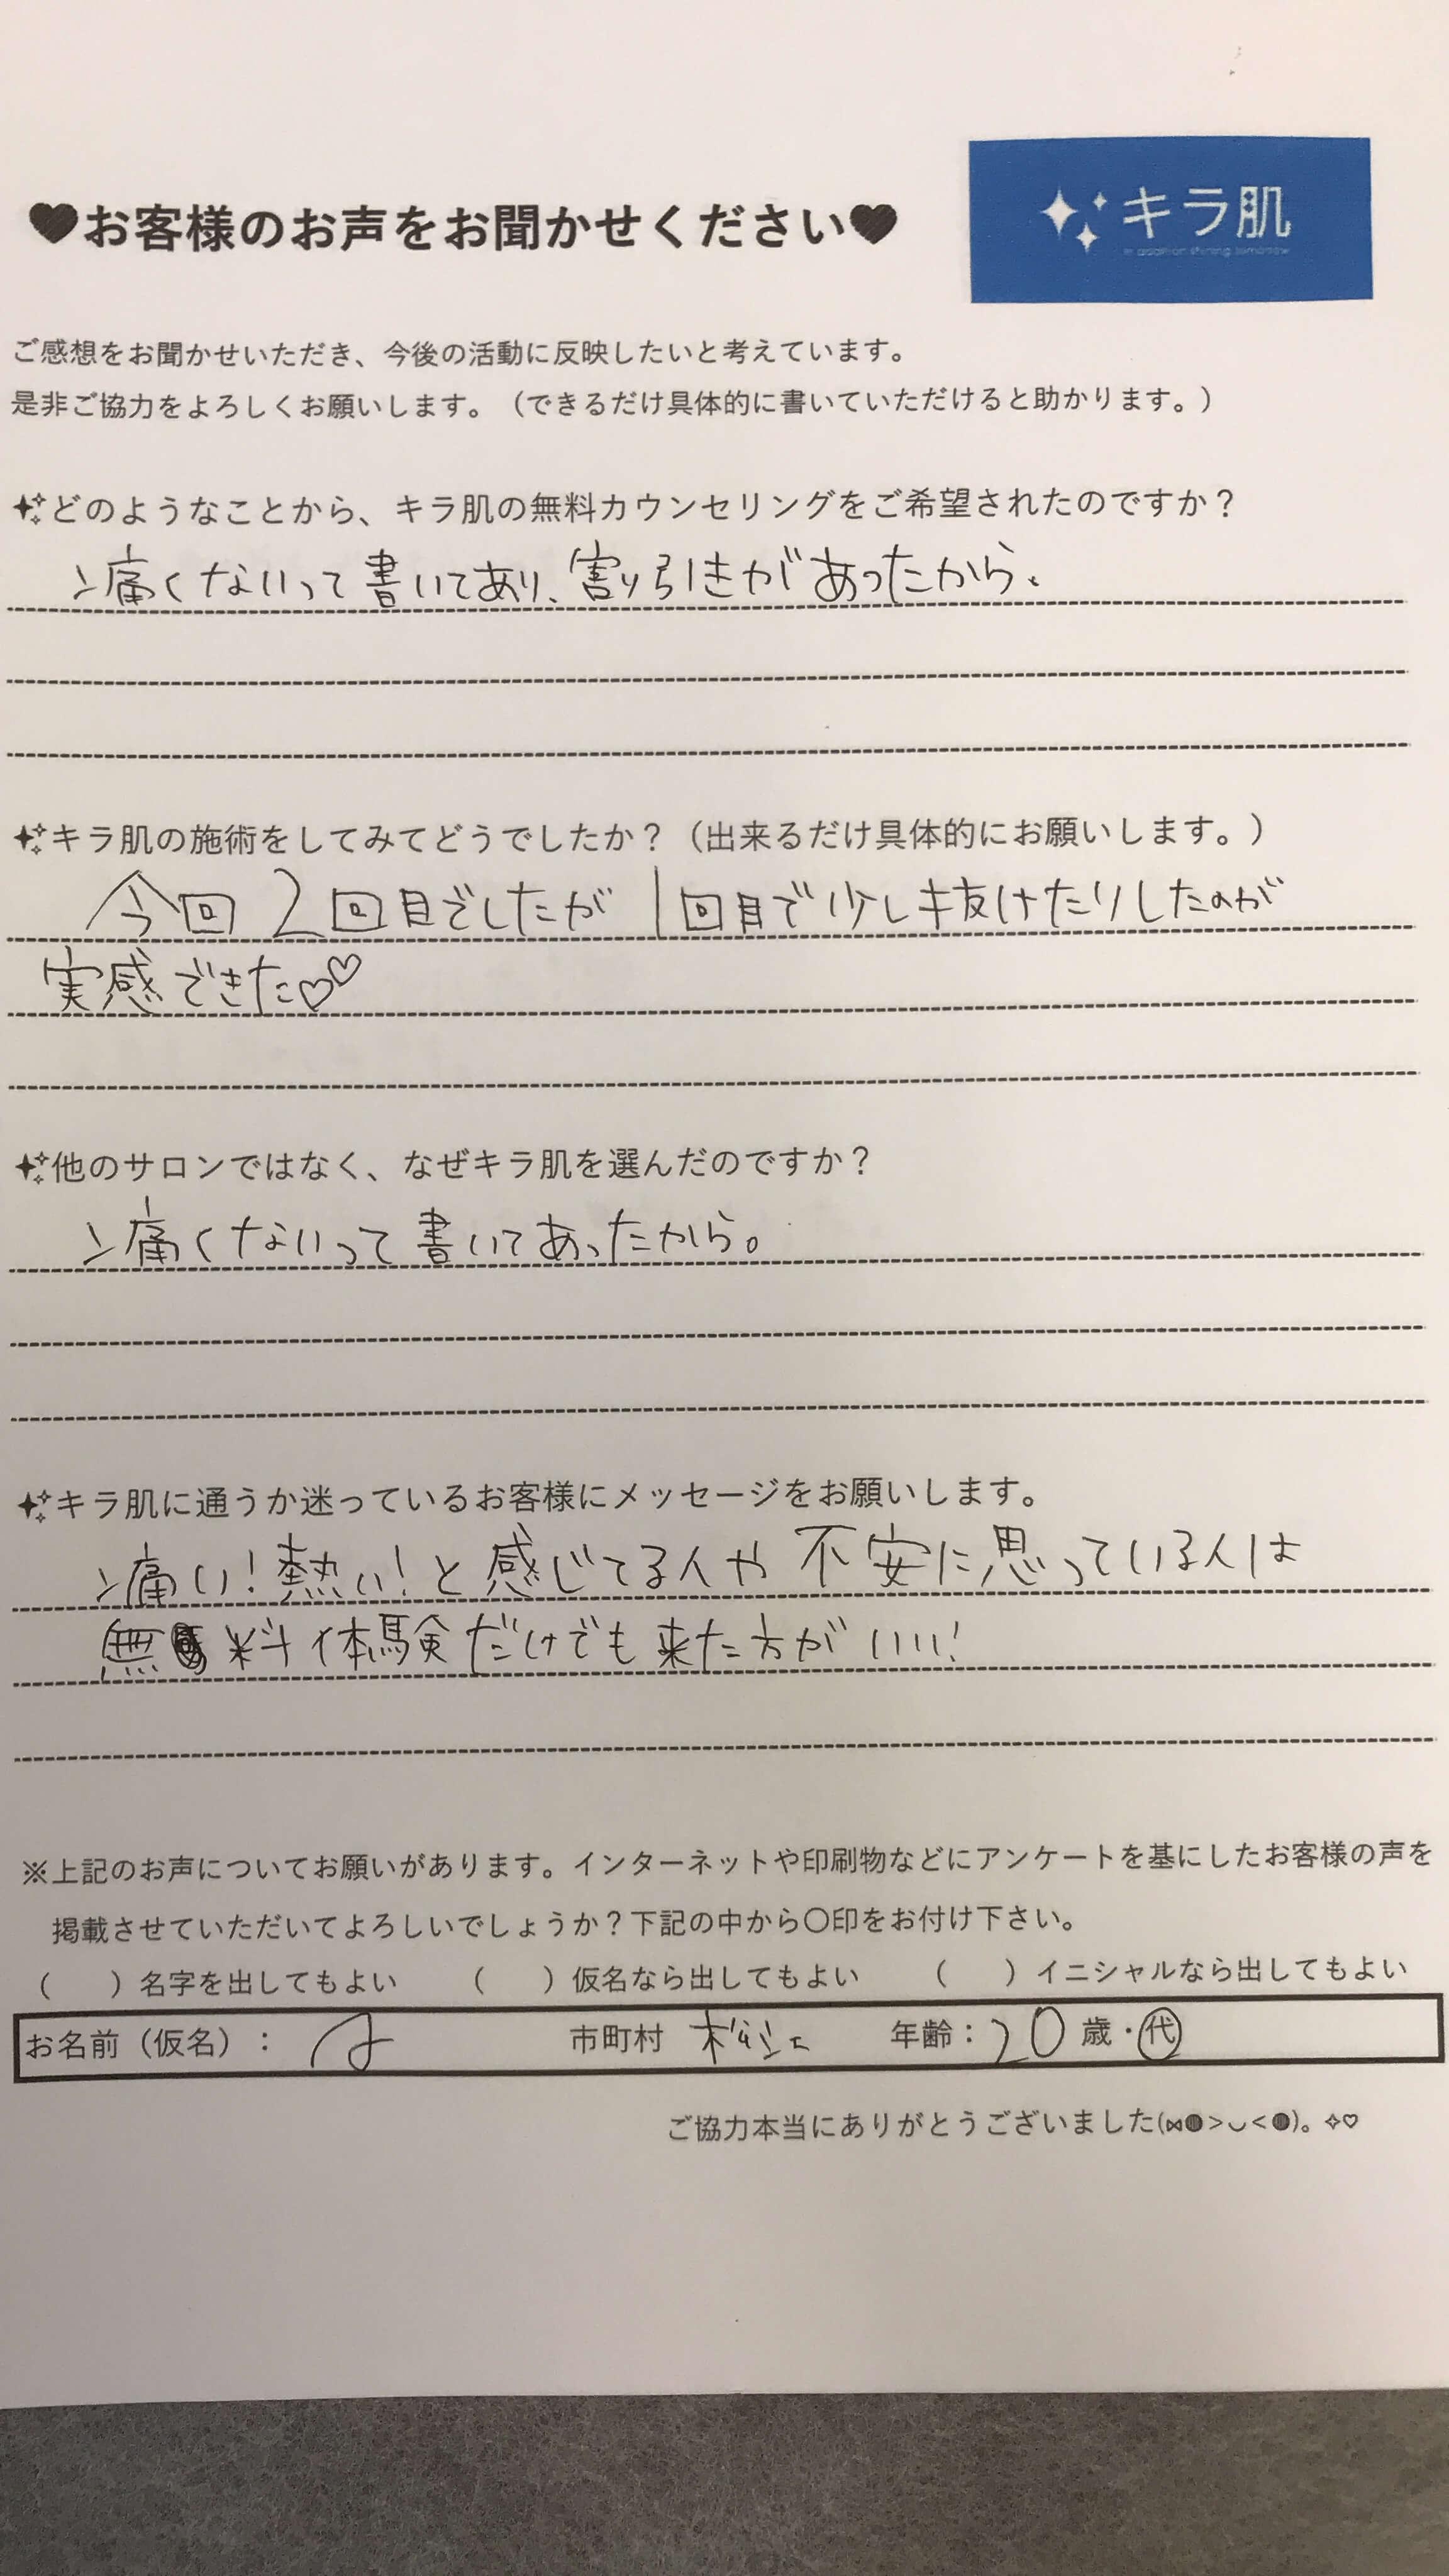 松江フォーゲルパーク近辺在住お客様口コミ。キラ肌。